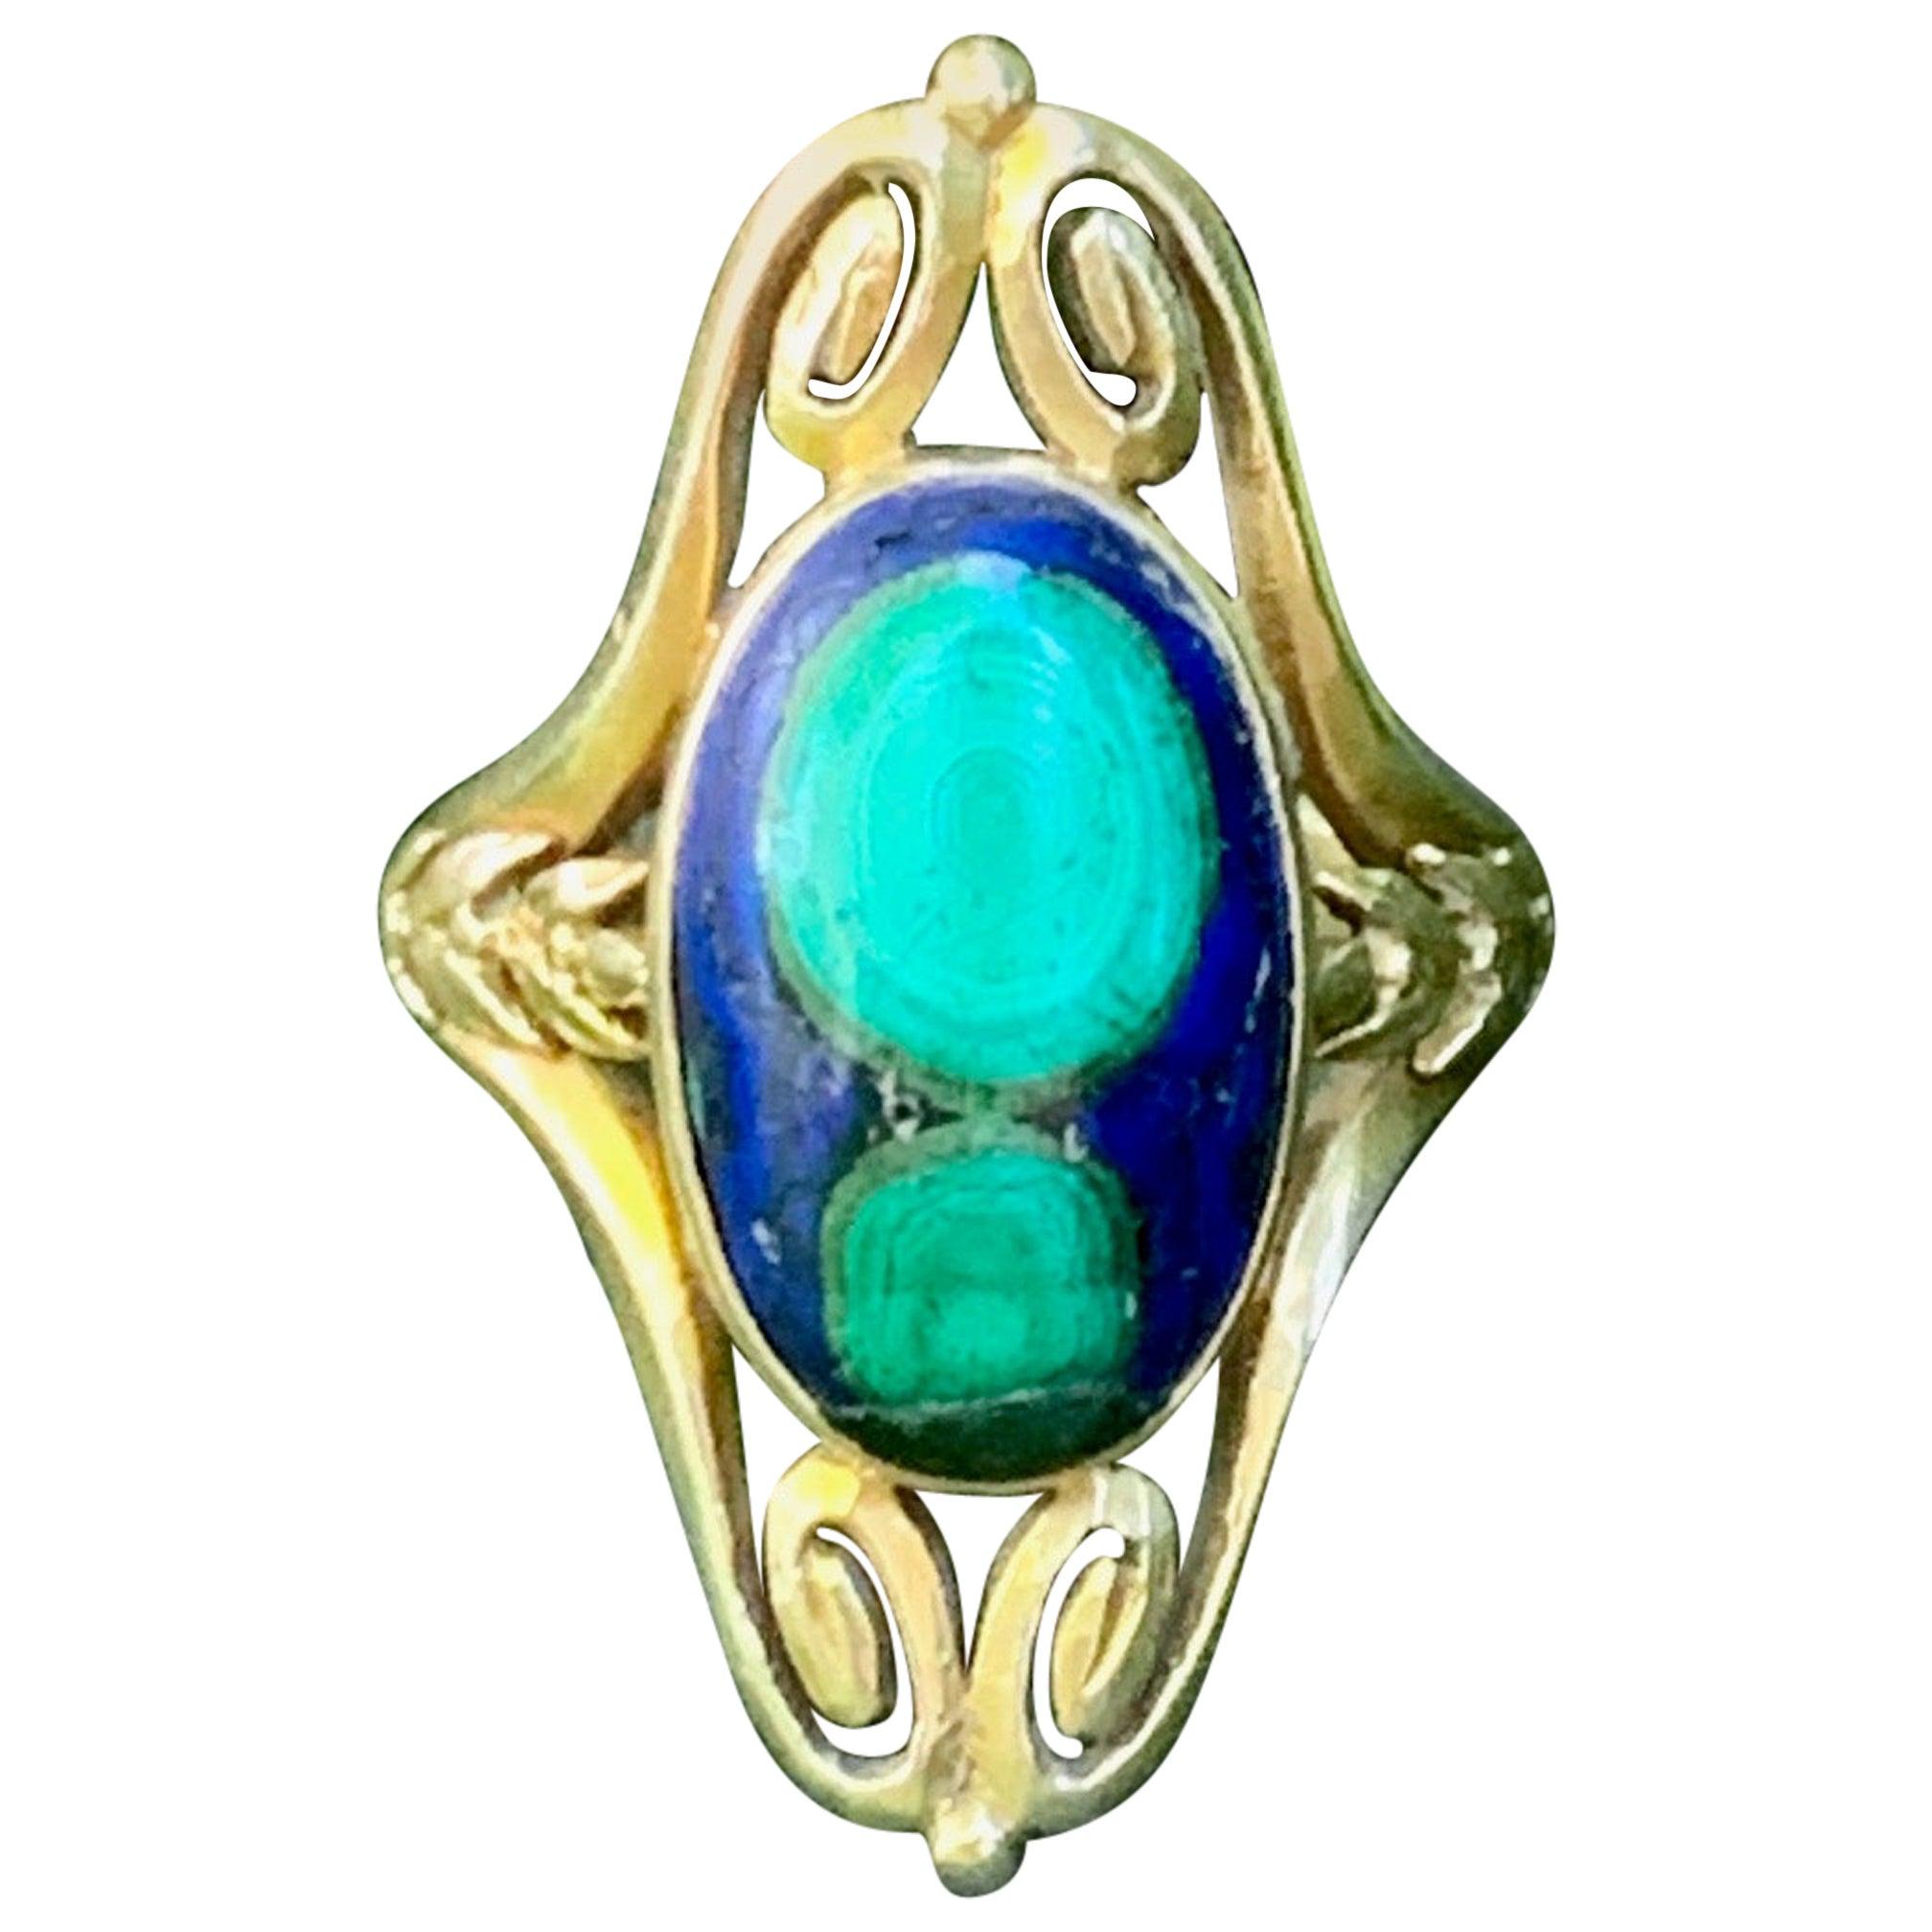 Art Nouveau Azurite Malachite Cabochon 14 Karat Yellow Gold Ring - Size 6 3/4